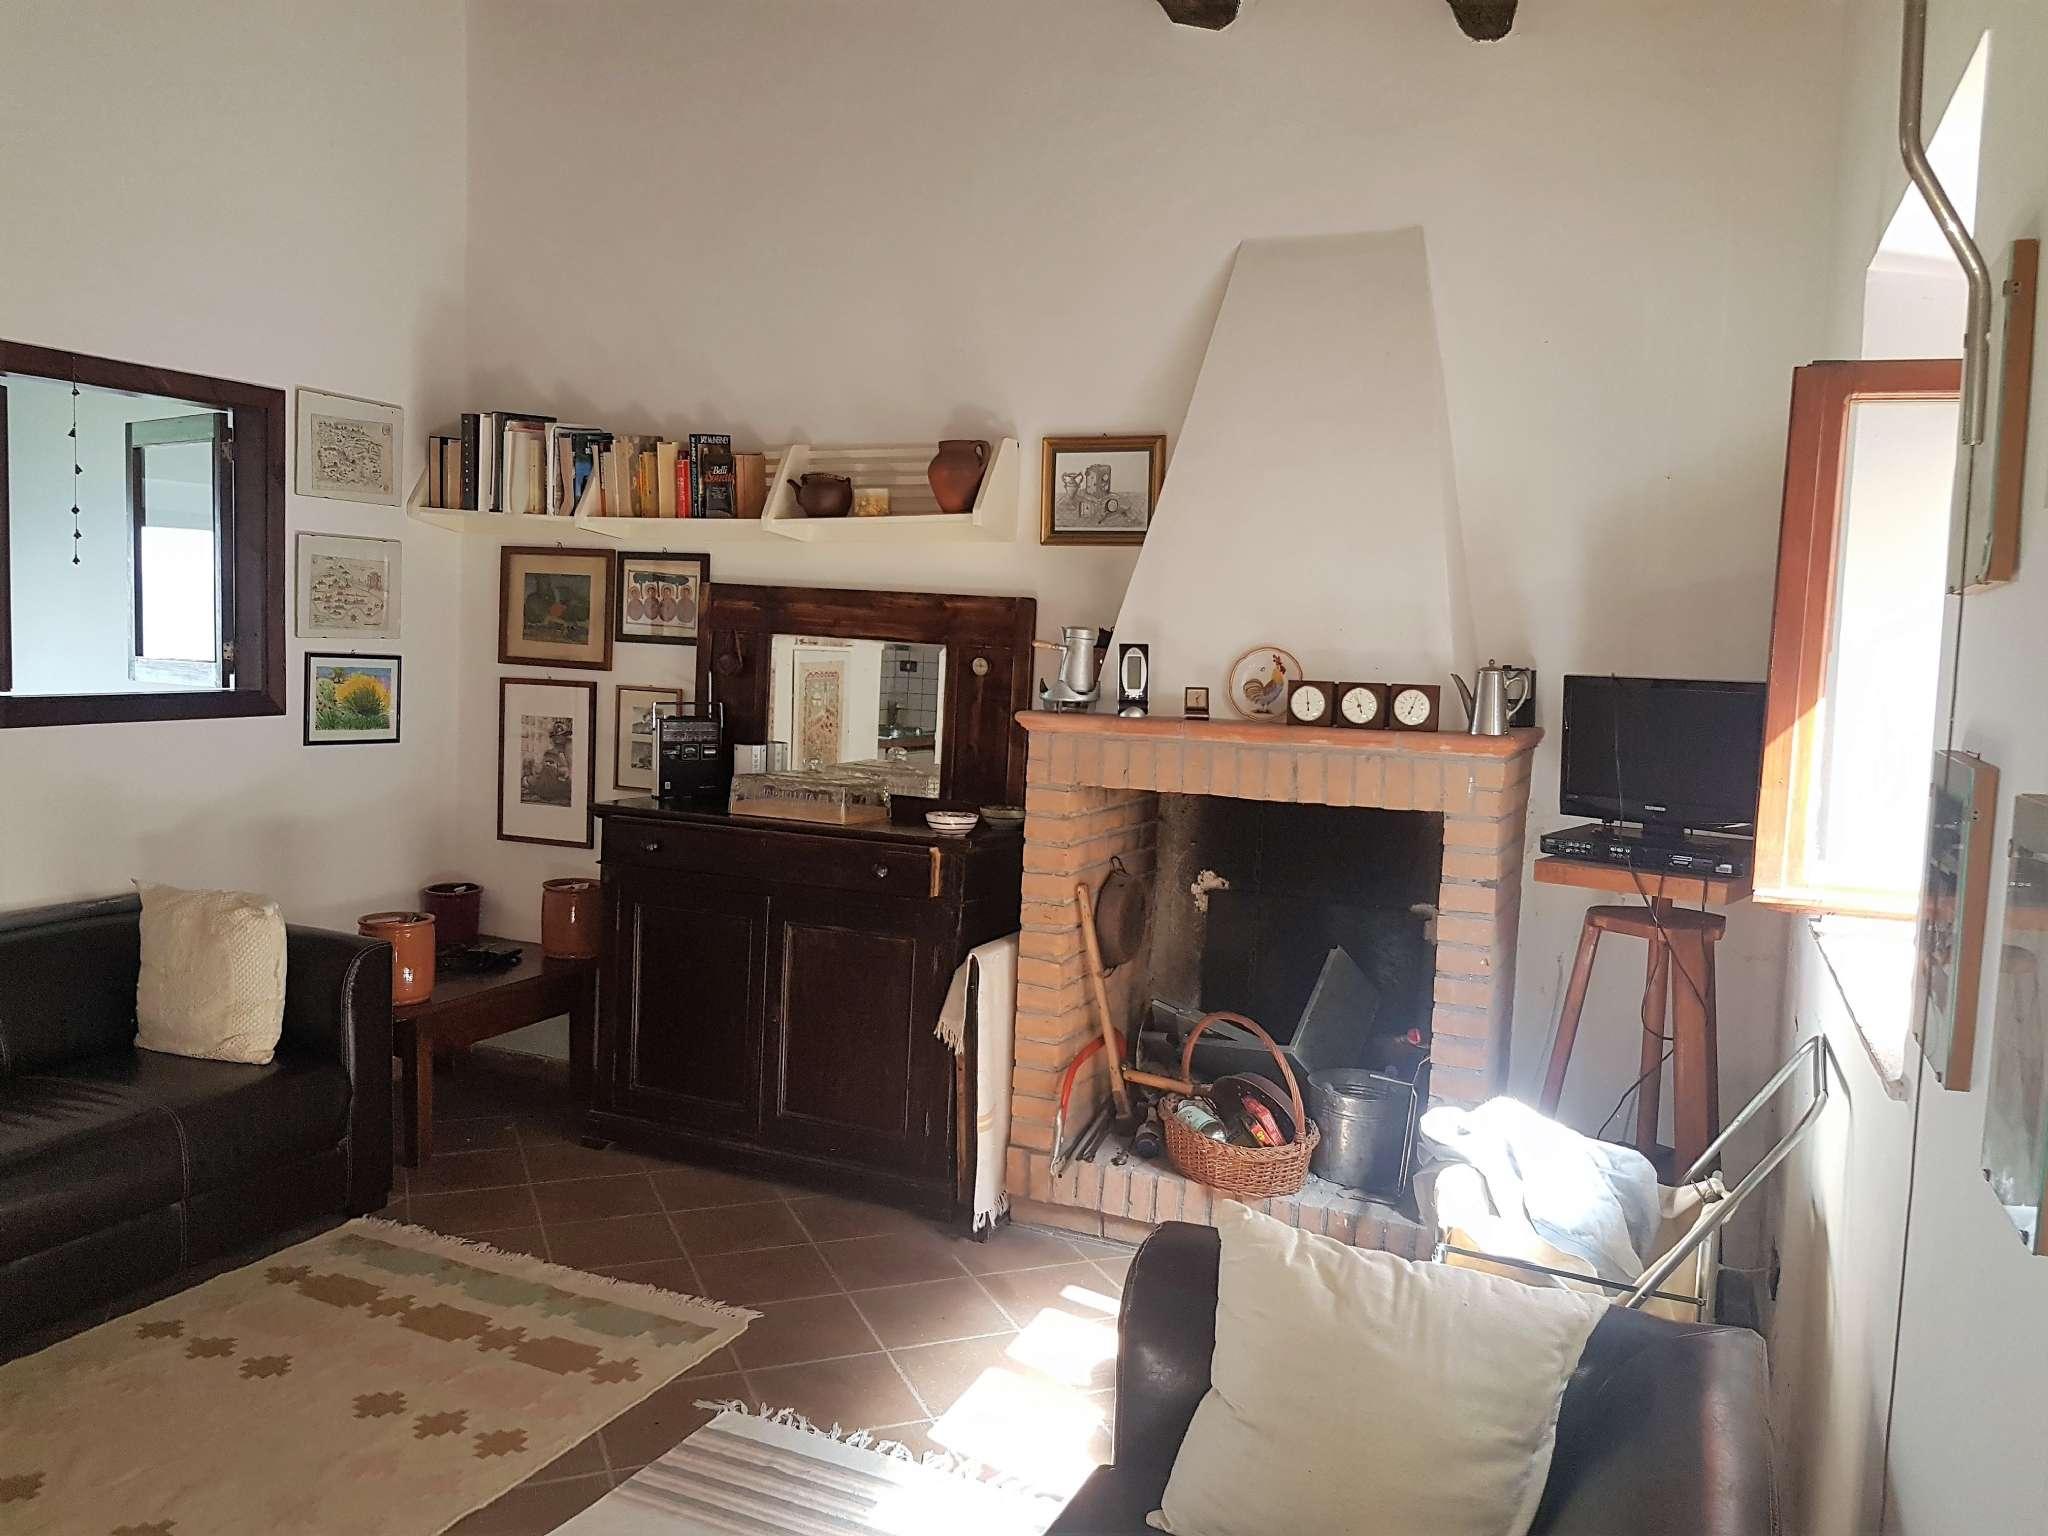 Palazzo / Stabile in vendita a Narni, 3 locali, prezzo € 48.000 | CambioCasa.it